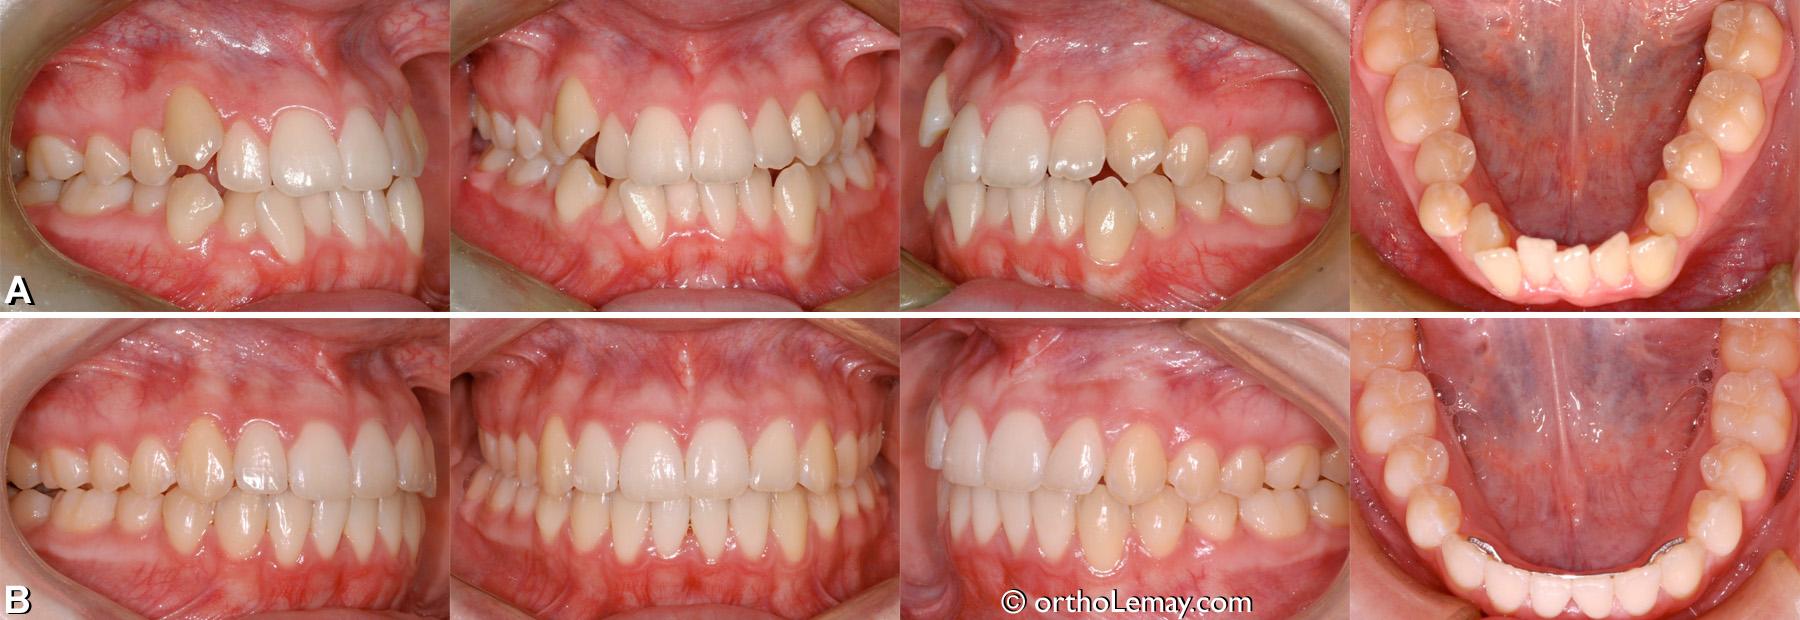 Malocclusion dentaire classe 3 avec chevauchement et manque d'espace. Adolescente de 17 ans. traitement d'orthodontie.